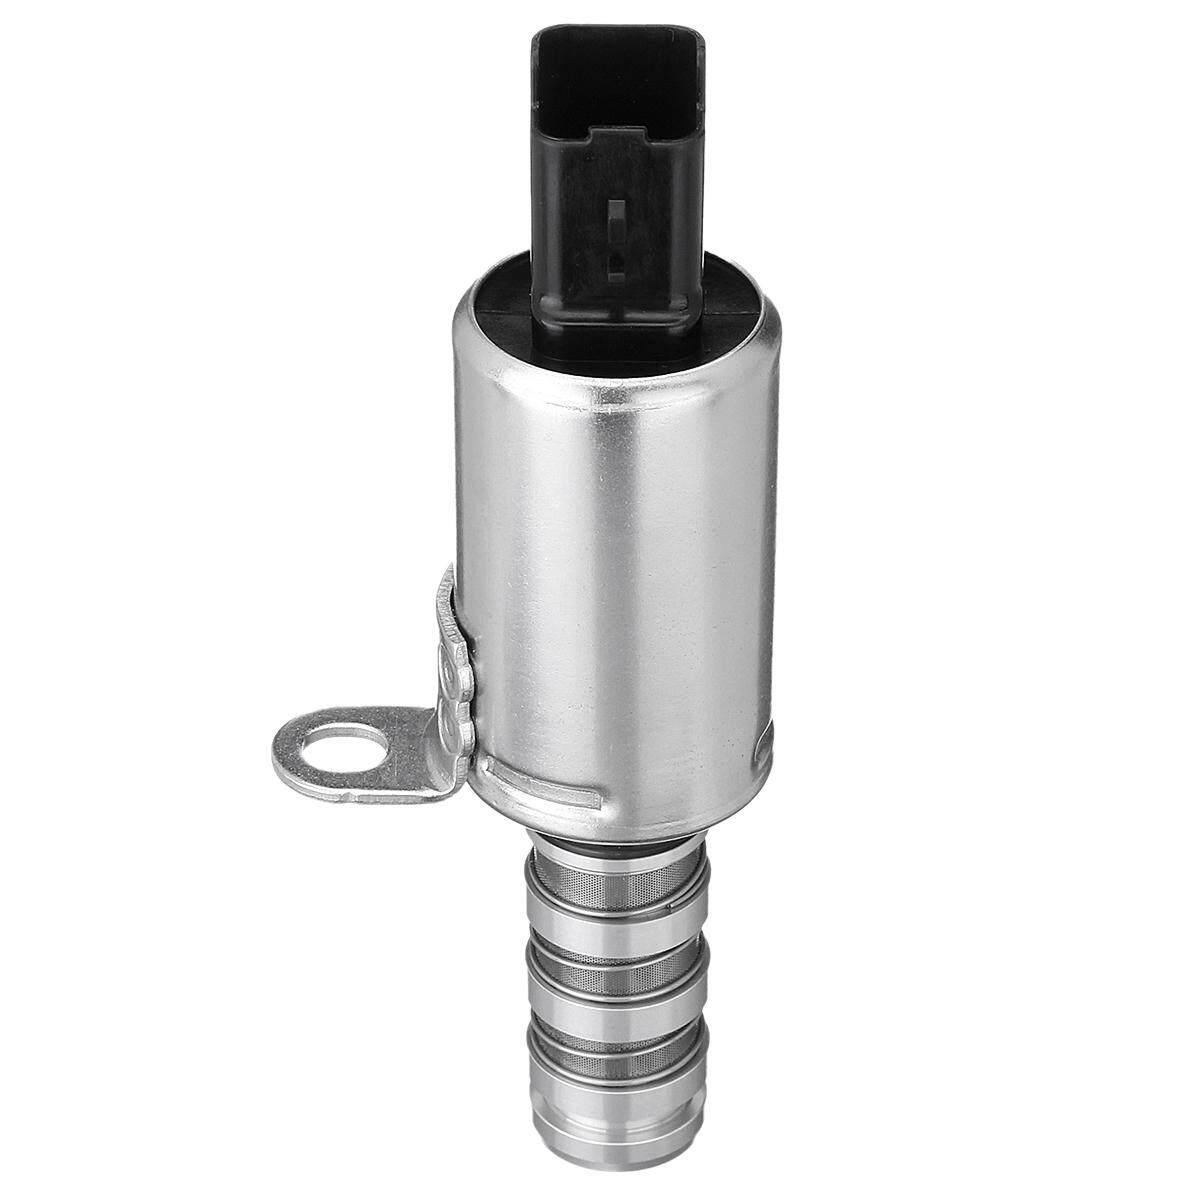 Anda Katup Kontrol Untuk Mini Citroen & Peugeot N12 Mesin 1.4 1.6 By Motorup.